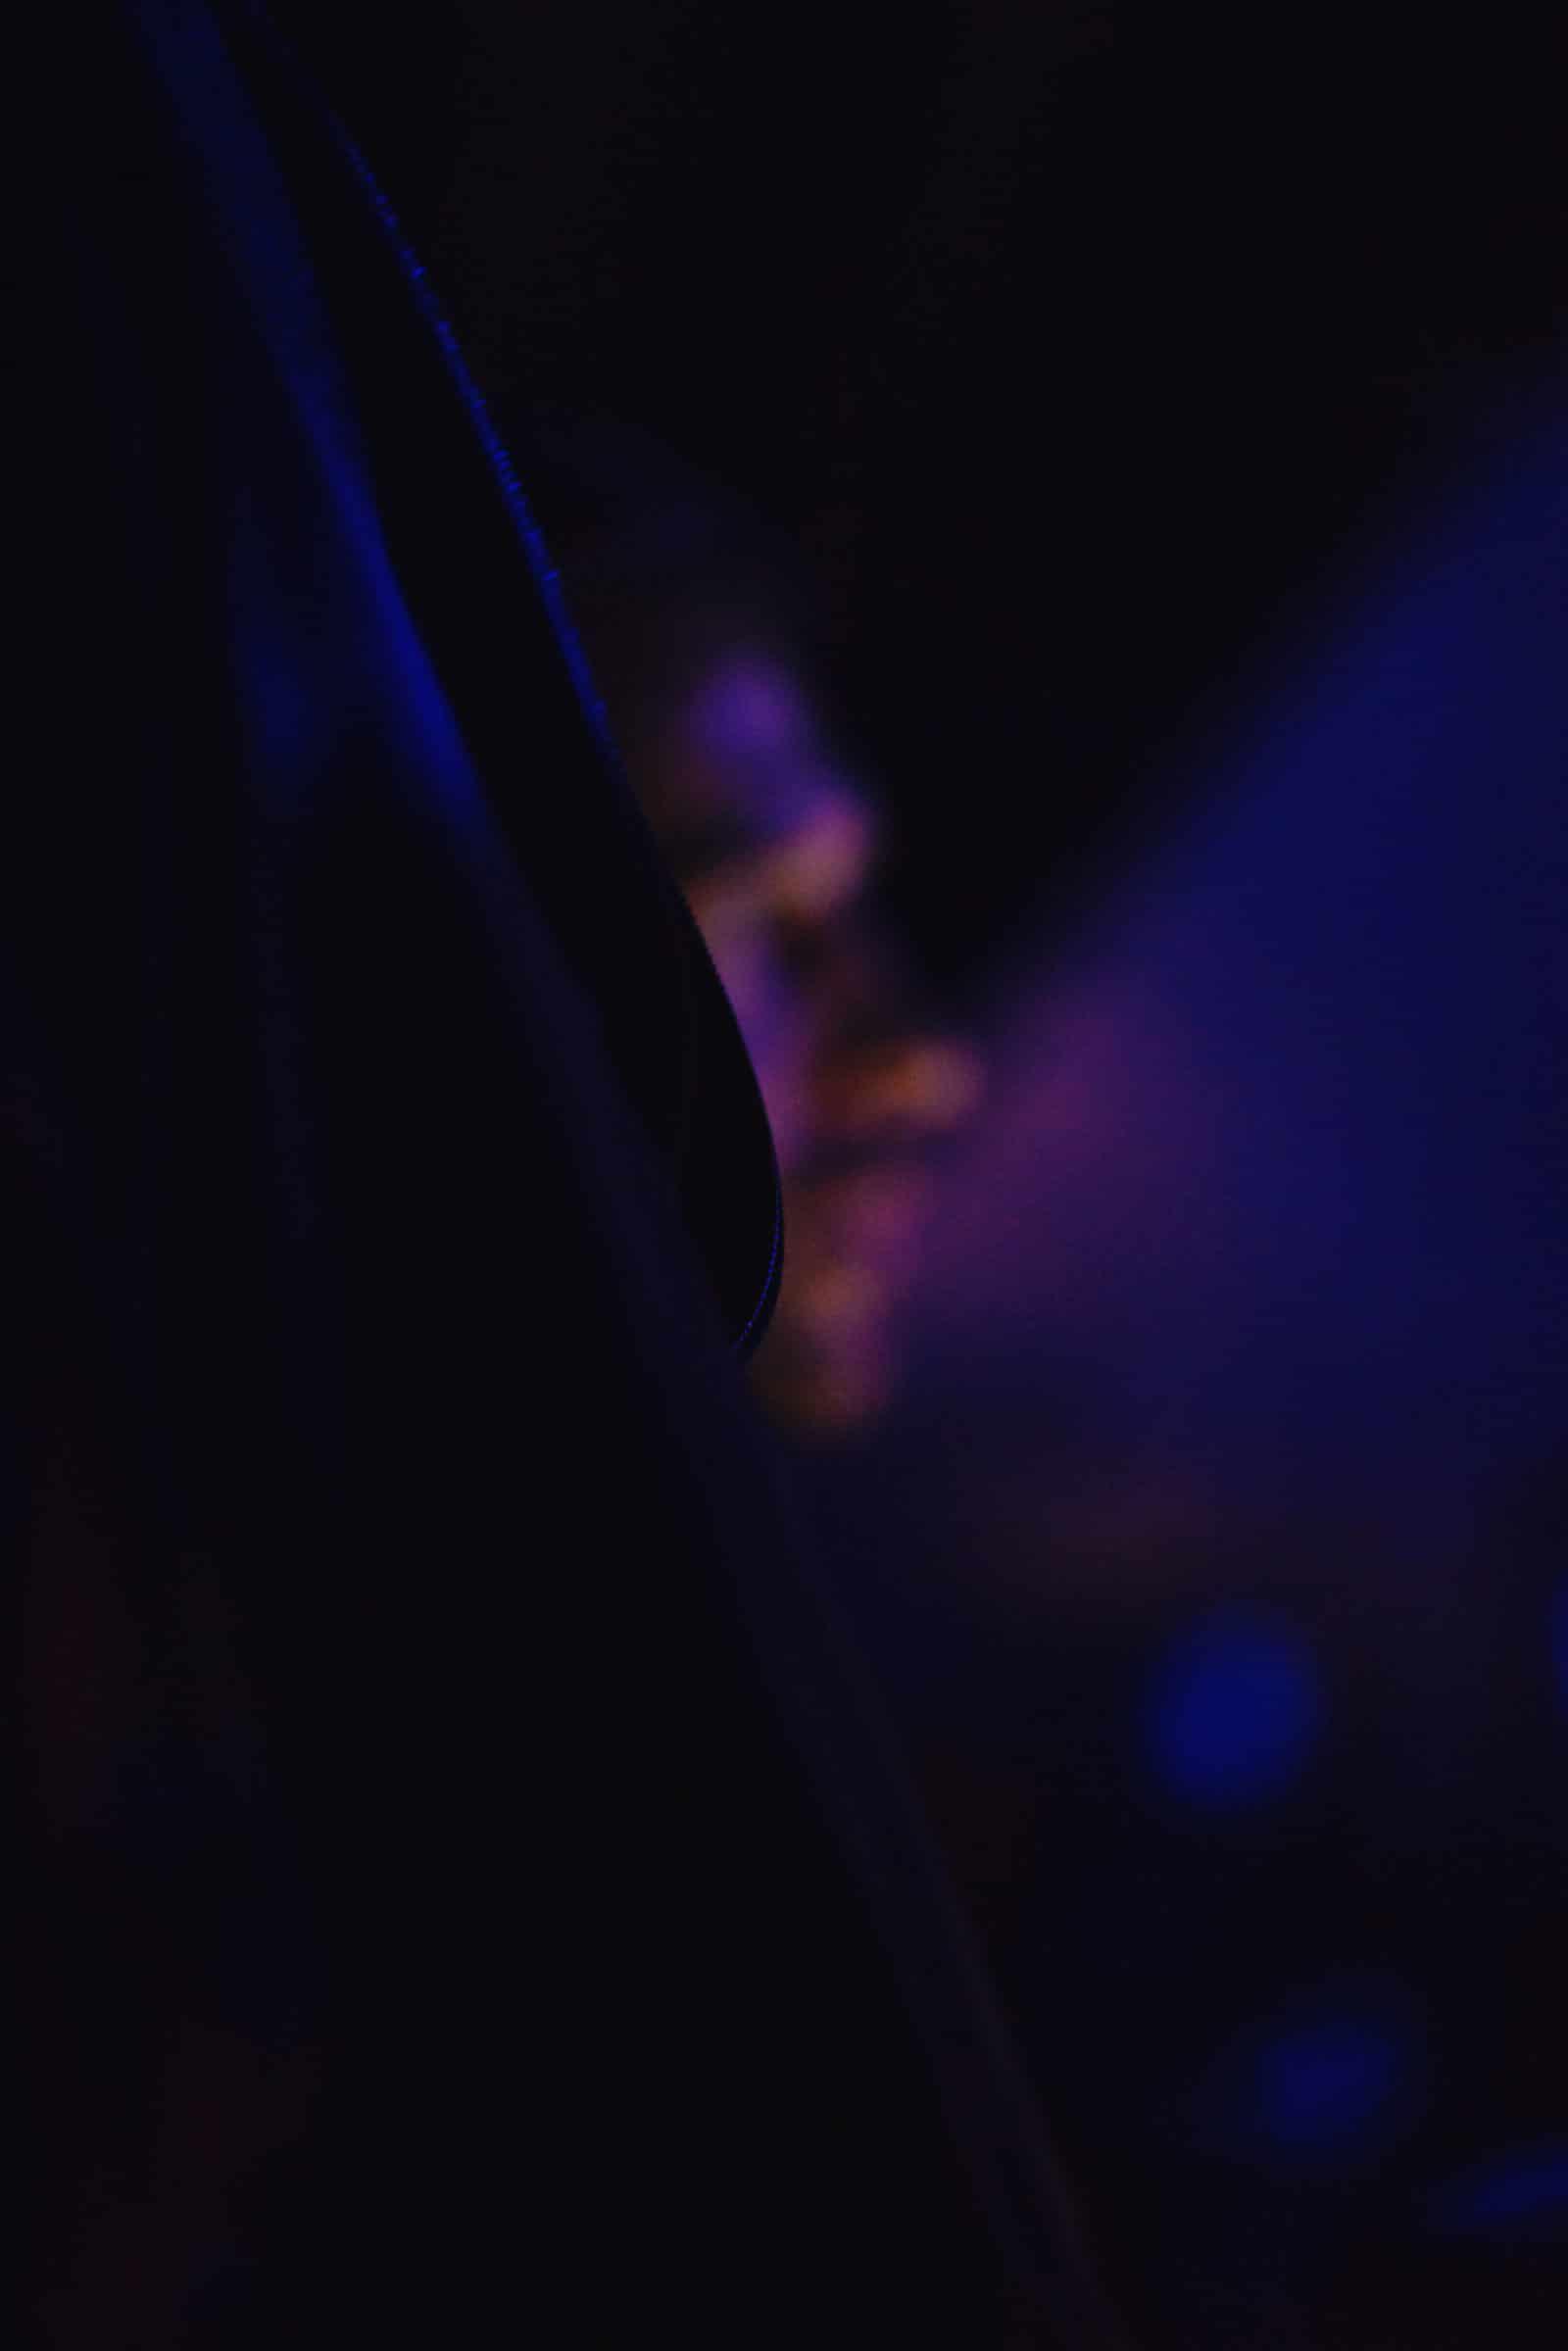 Samia hamlaoui photograhie le site de puk photographe saint-nazaire nantes loire atlantique 44 pays de loire mariages mariage couples familles voyages portraits portrait photo wedding day original